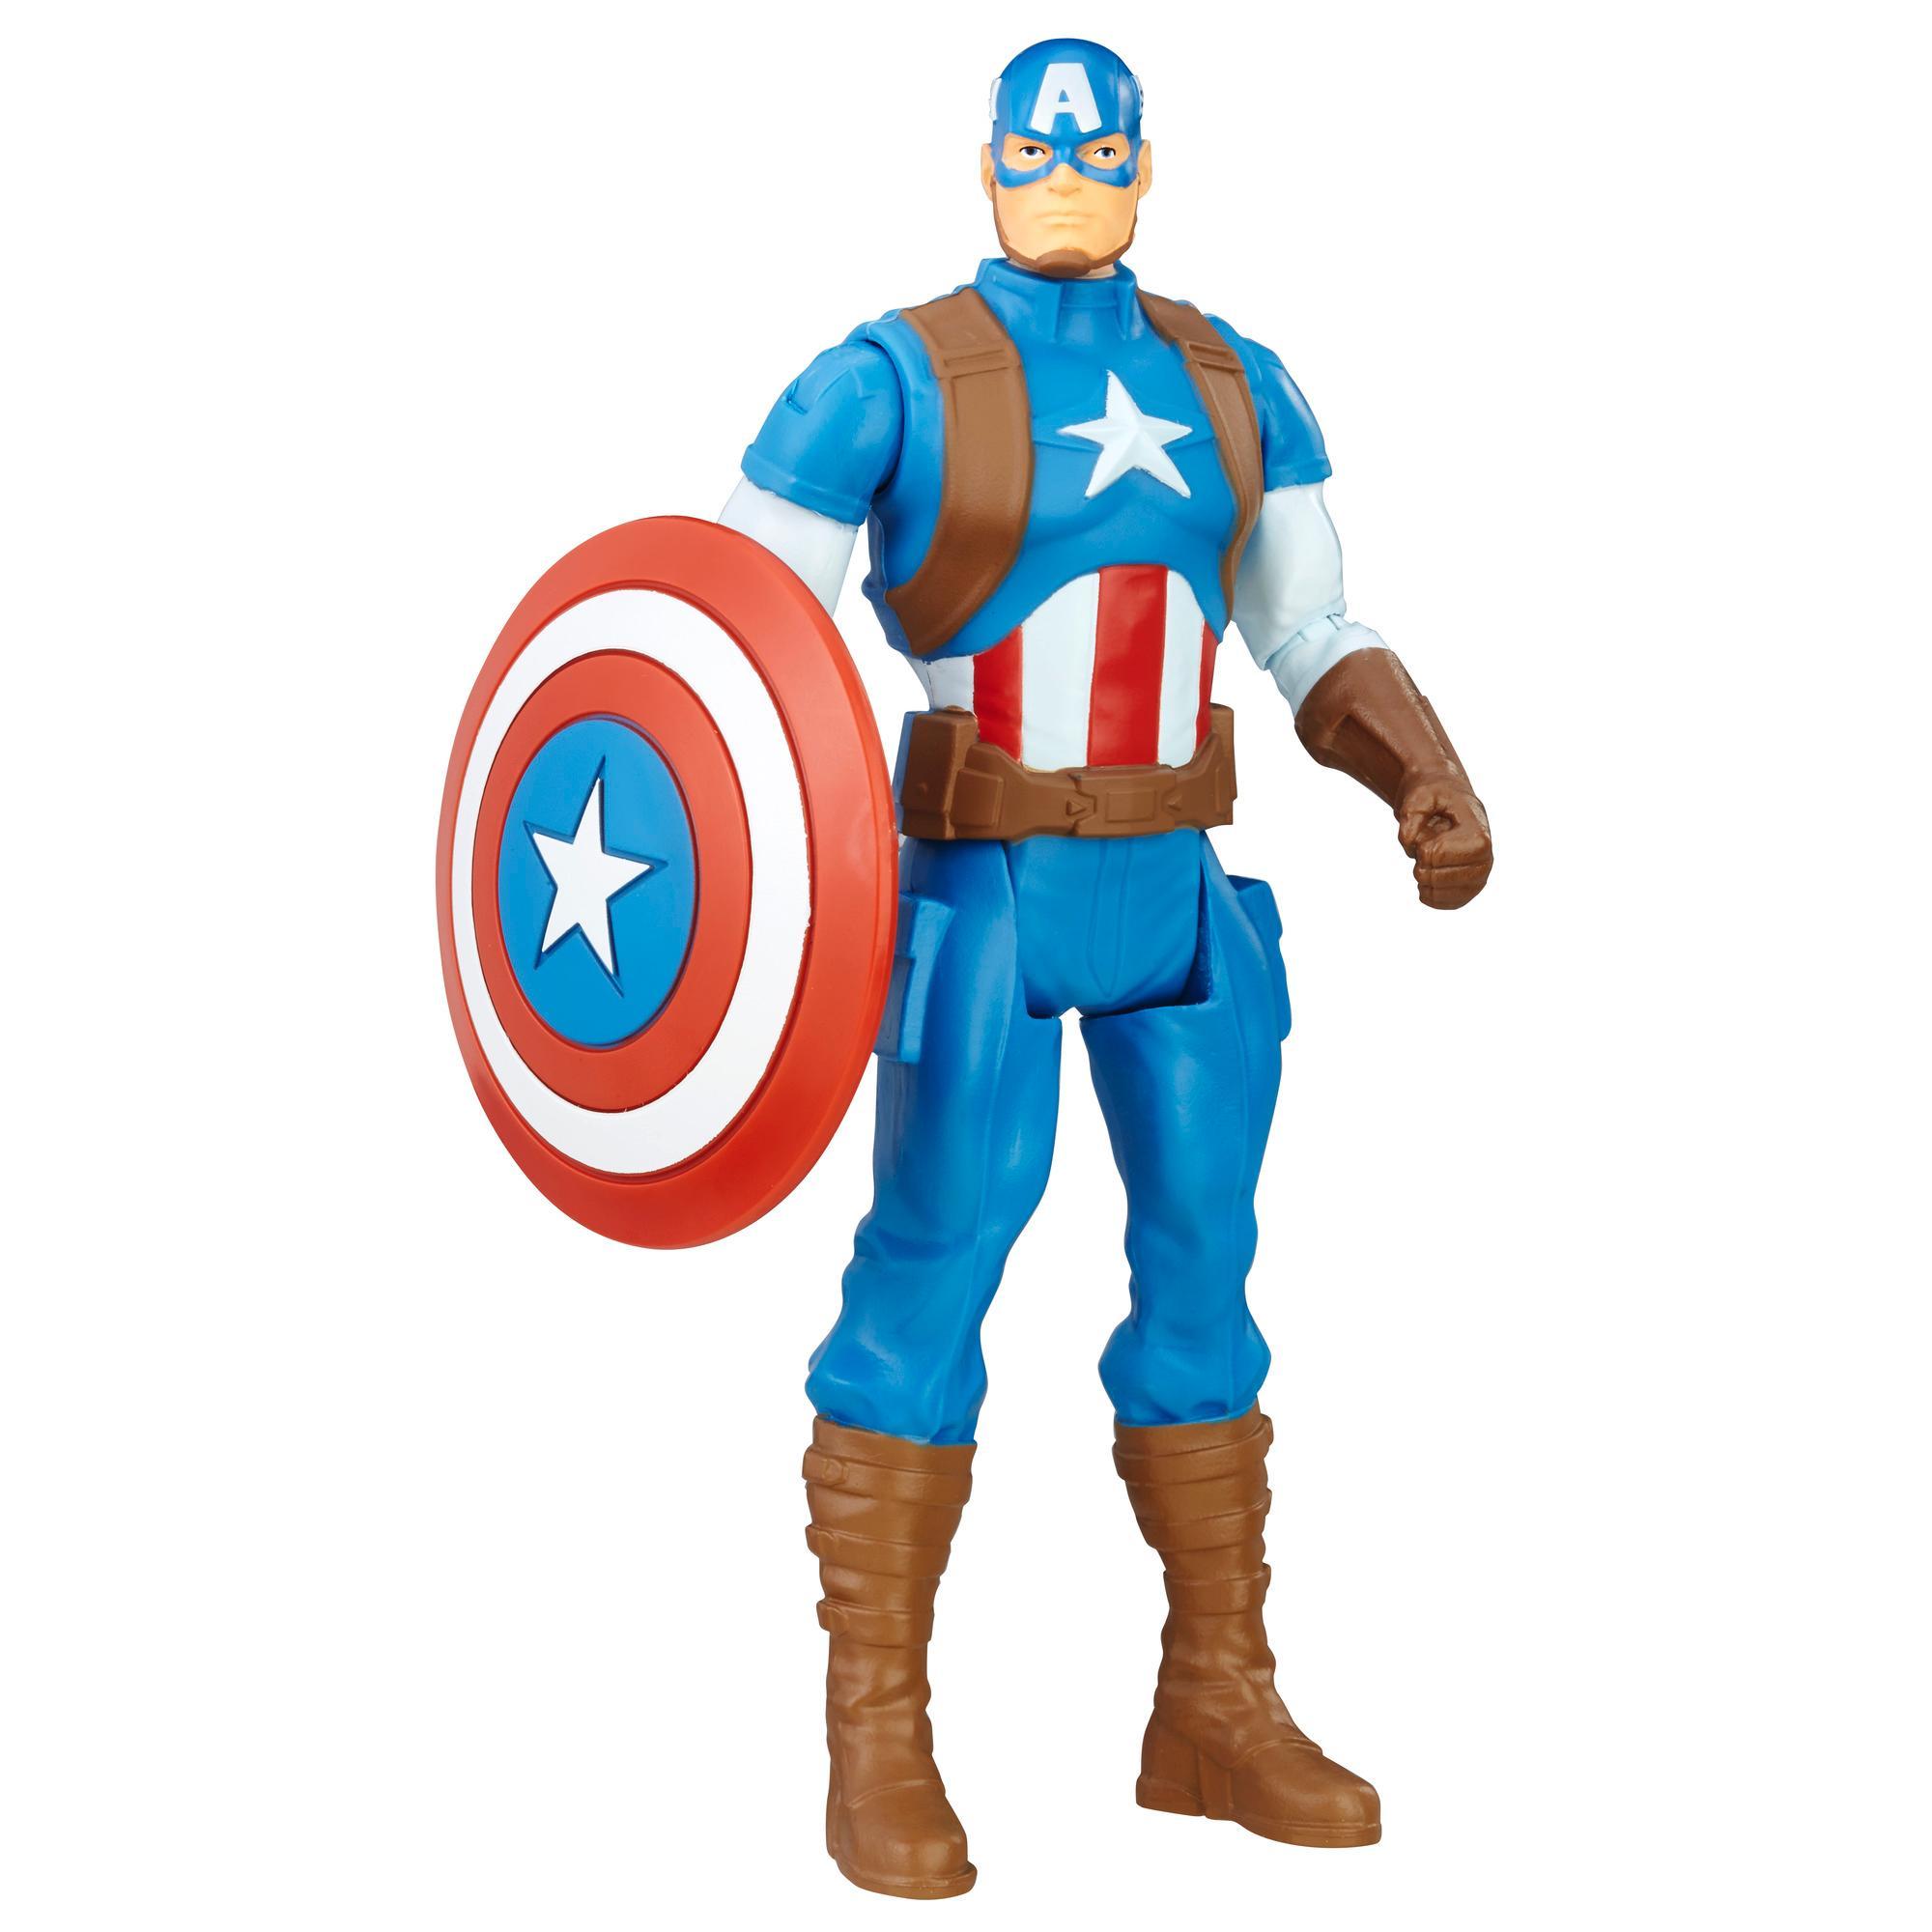 Figurină de acțiune Captain America, Marvel